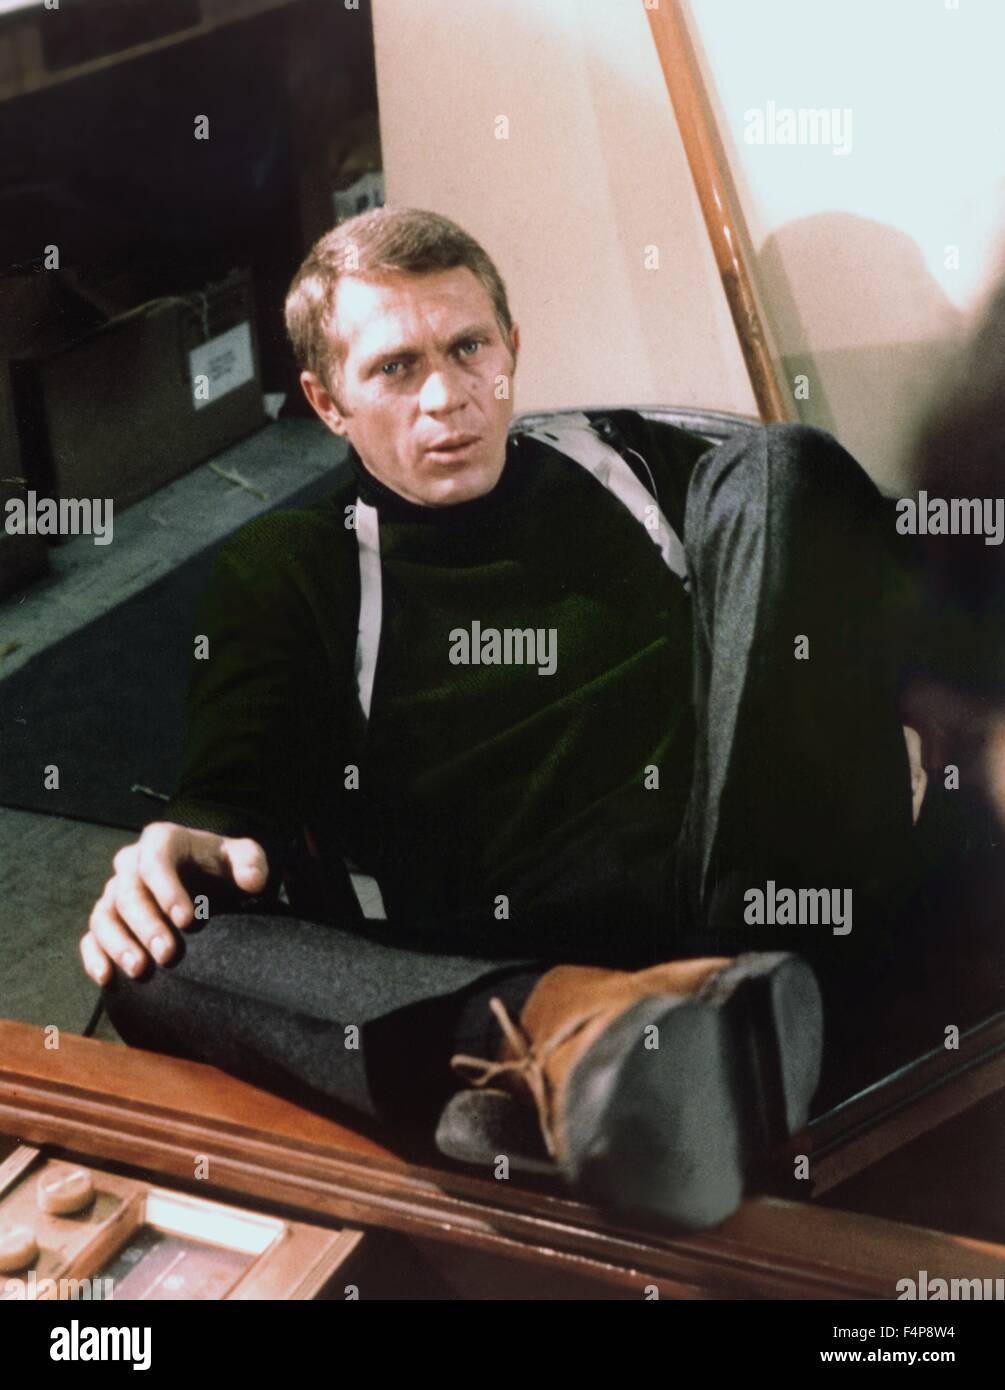 Steve McQueen / Bullitt 1968 directed by Peter Yates - Stock Image